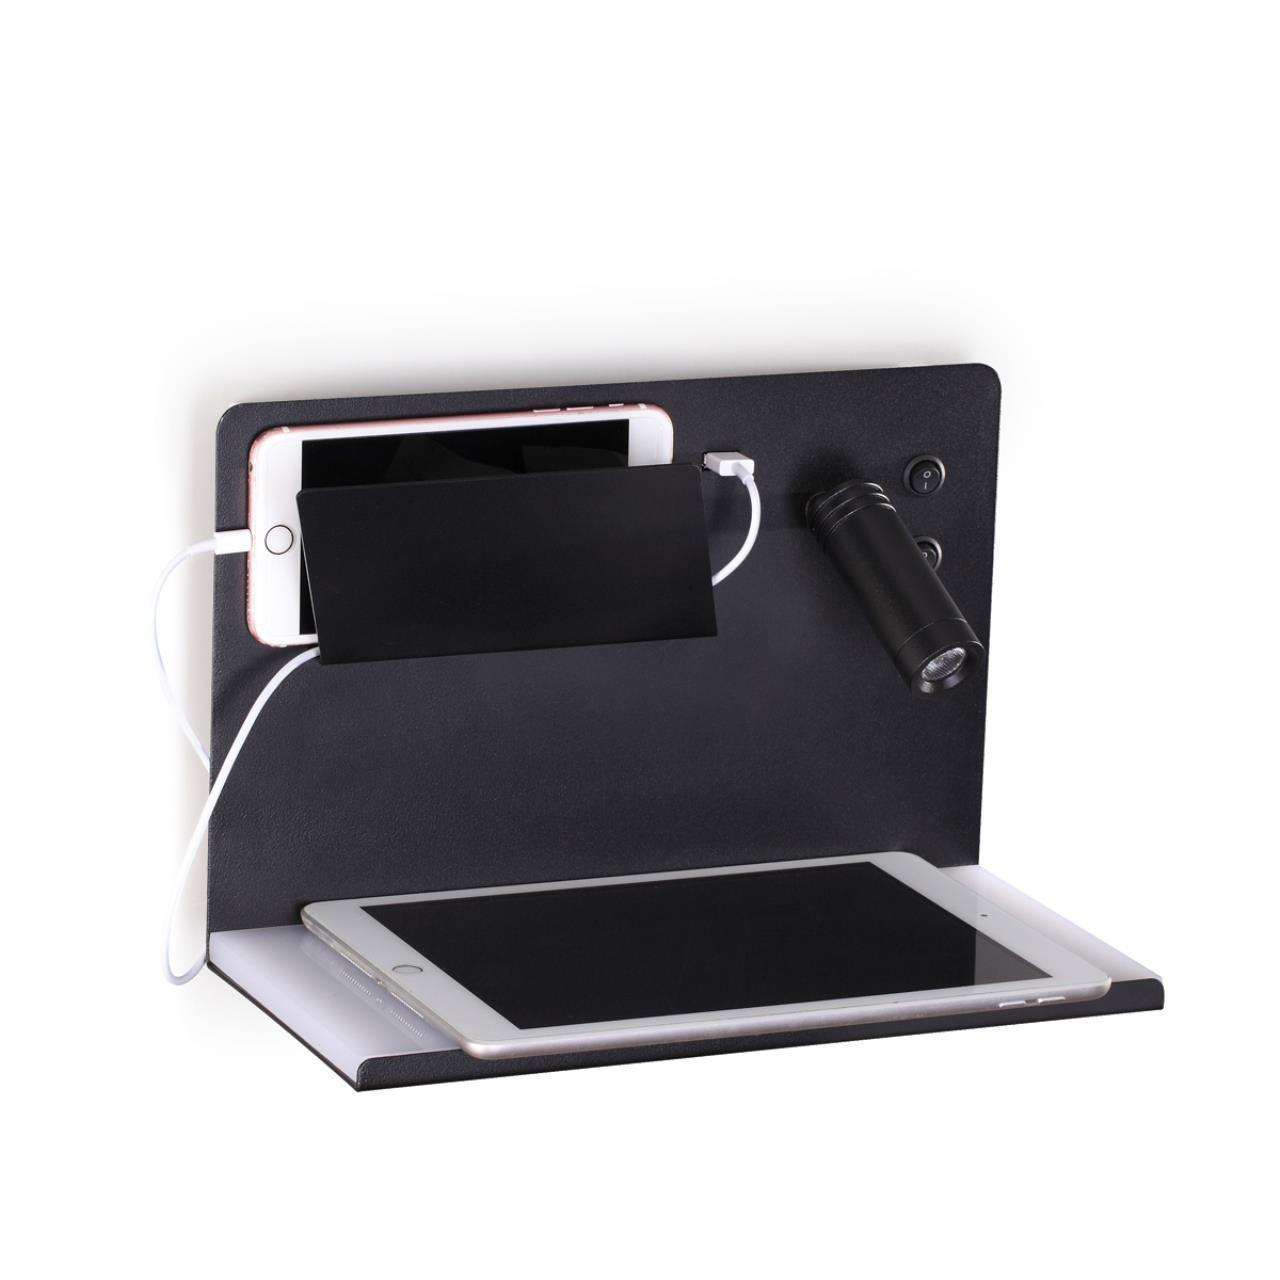 4201/11WL HIGHTECH ODL20 240 черный/белый/металл Настенный св-к с USB и беспр зарядкой, 8W + 3W SMAR